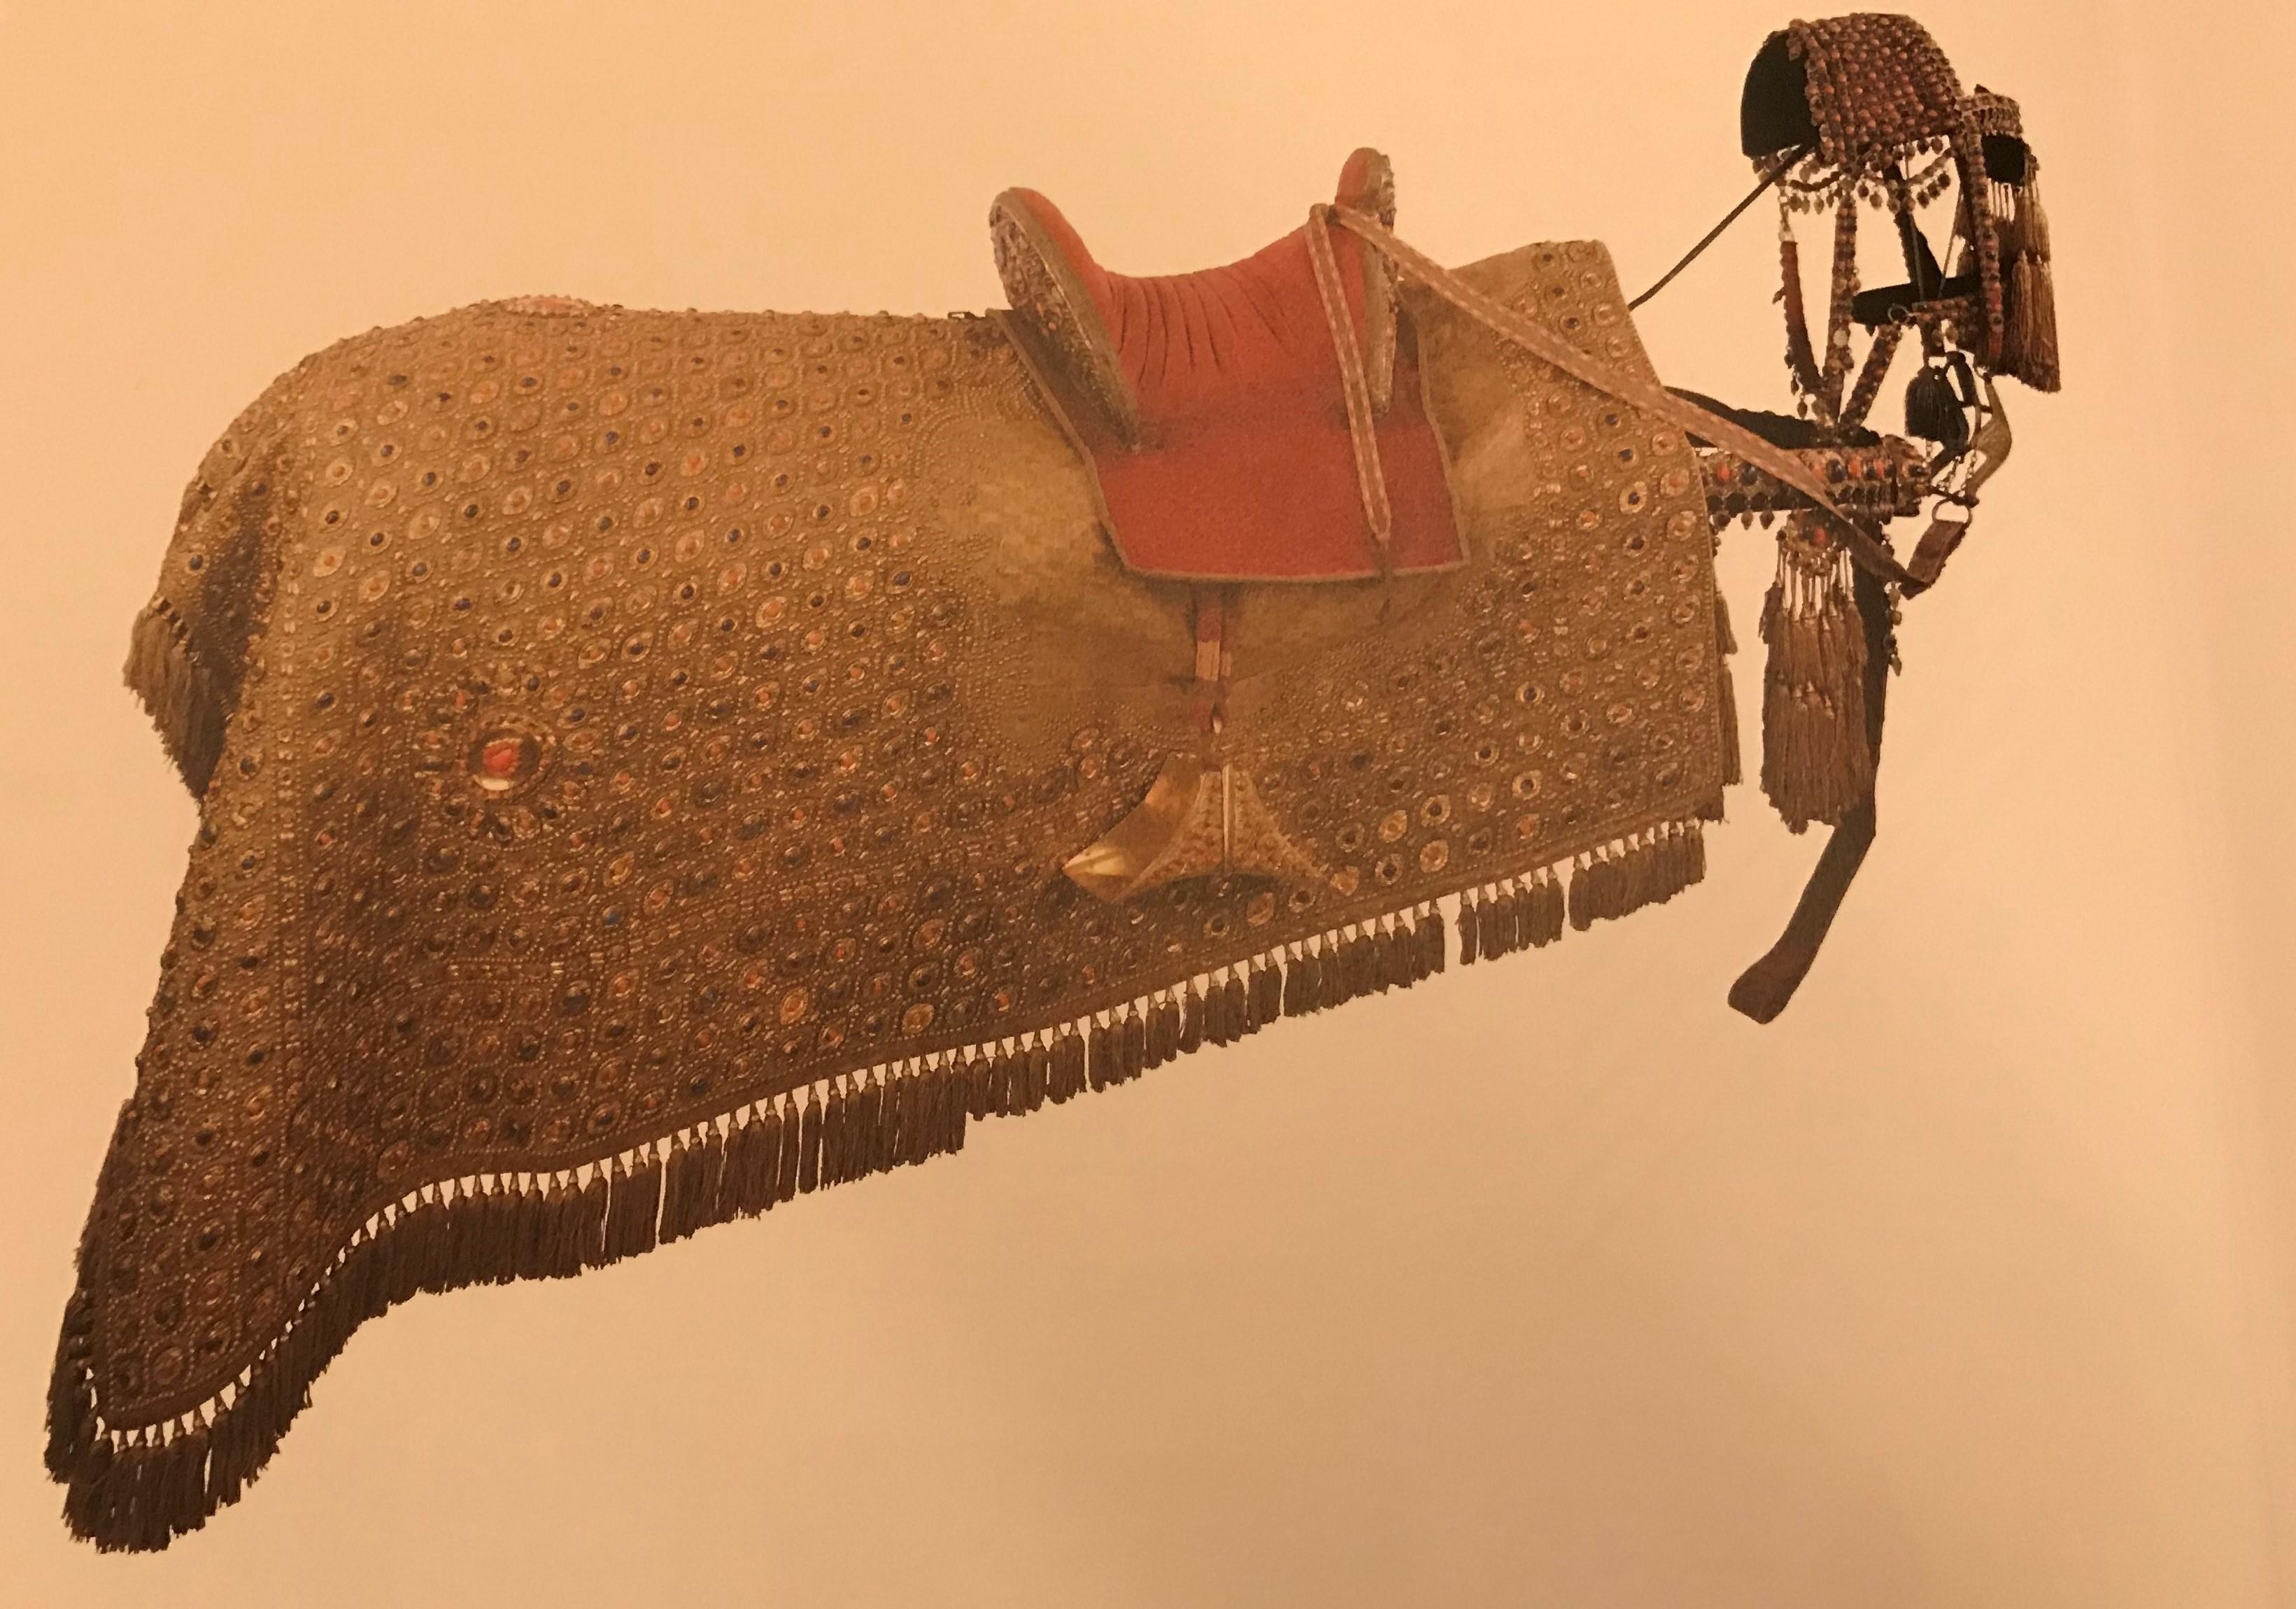 طقم حصان وغطاء سرج مملوكى مزركش